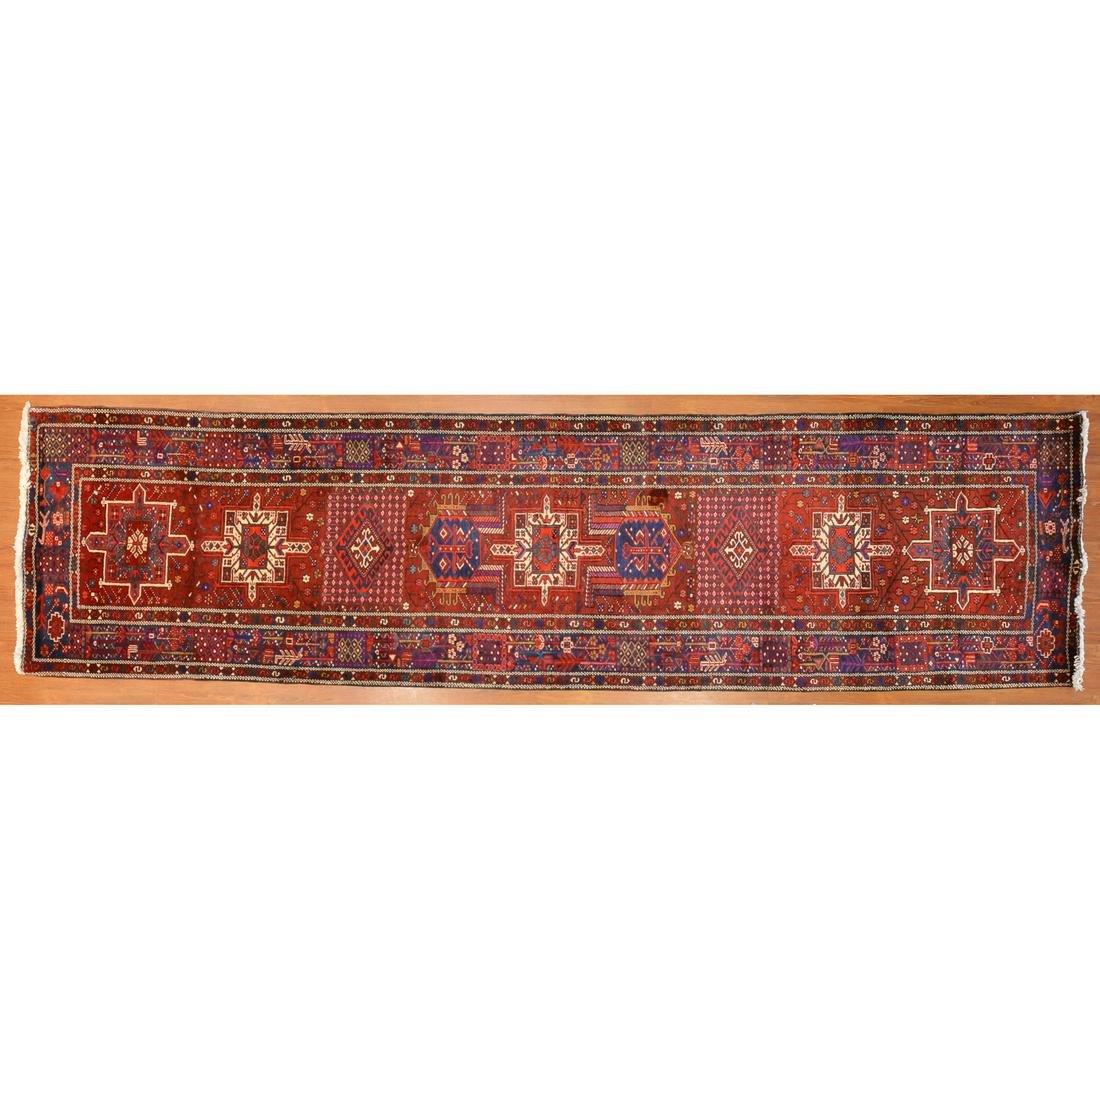 Heriz Runner, Persia, 3.7 x 13.9